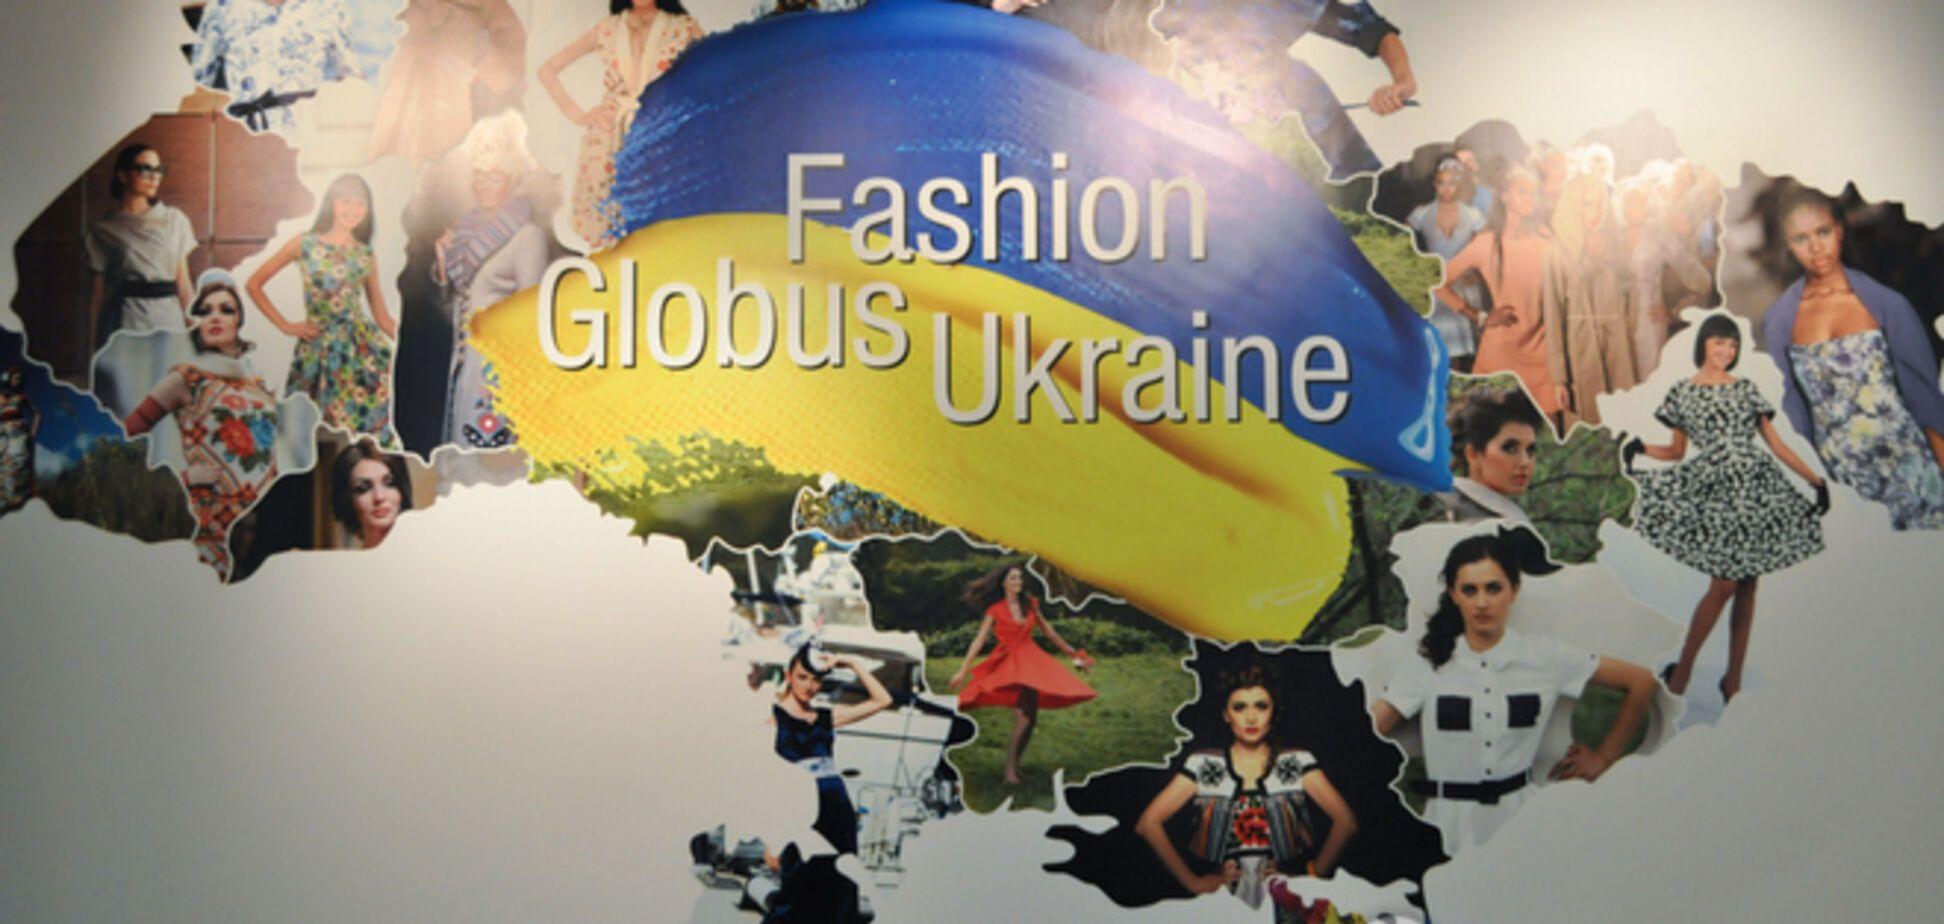 8 очень стильных образов от брендов со всей Украины